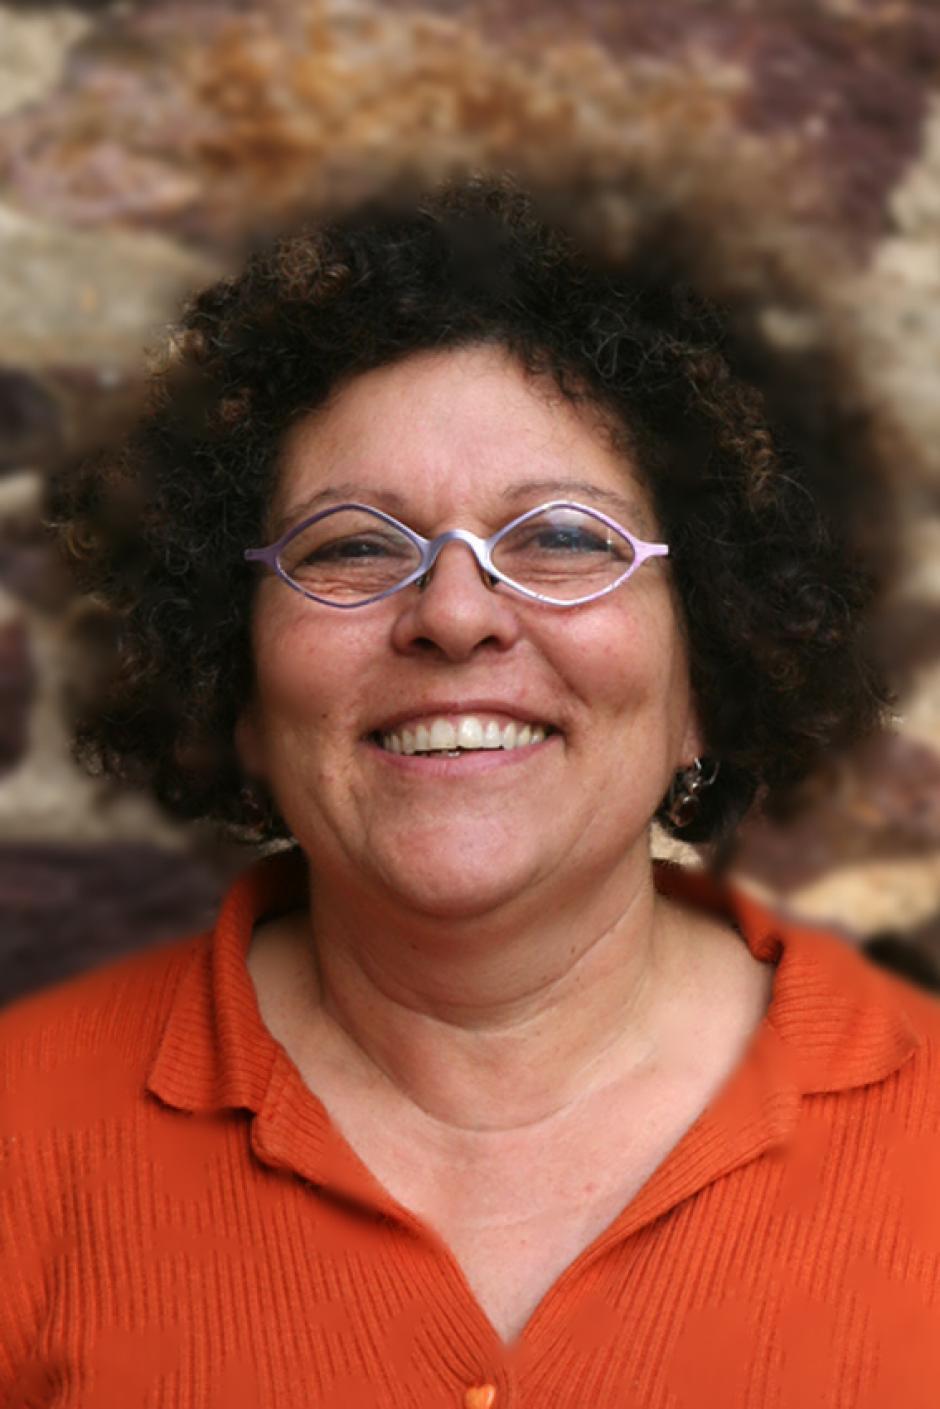 Trois questions à Evelyne Forcioli, responsable du SNUIPP 35